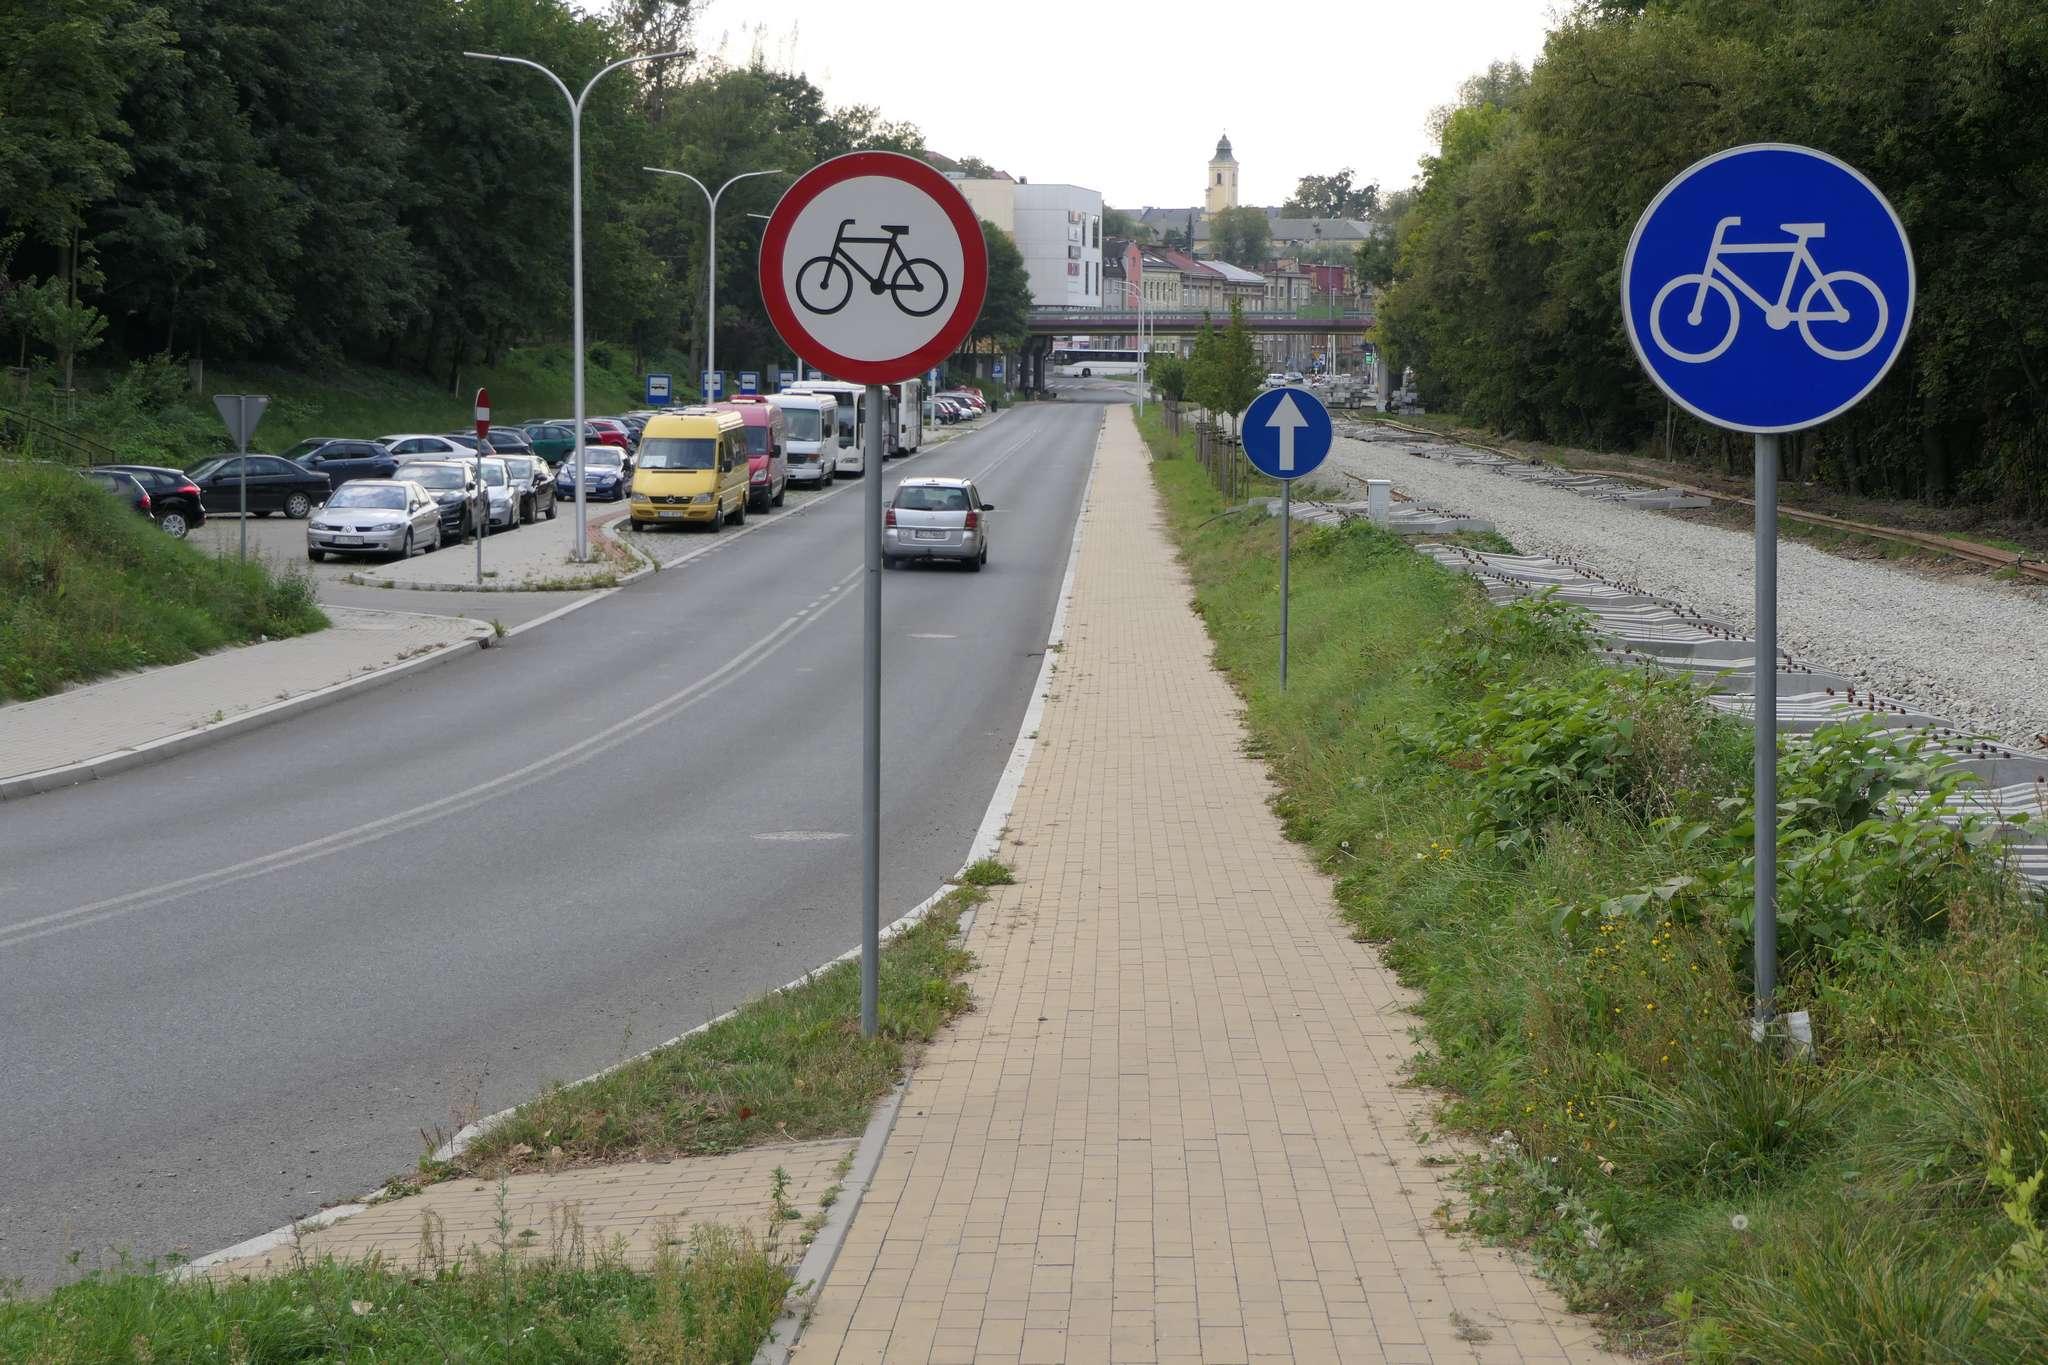 """Zakończenie """"drogi donikąd"""" przy ul. RNKC. Nic dziwnego, że częściej można tu spotkać pieszego niż rowerzystę."""